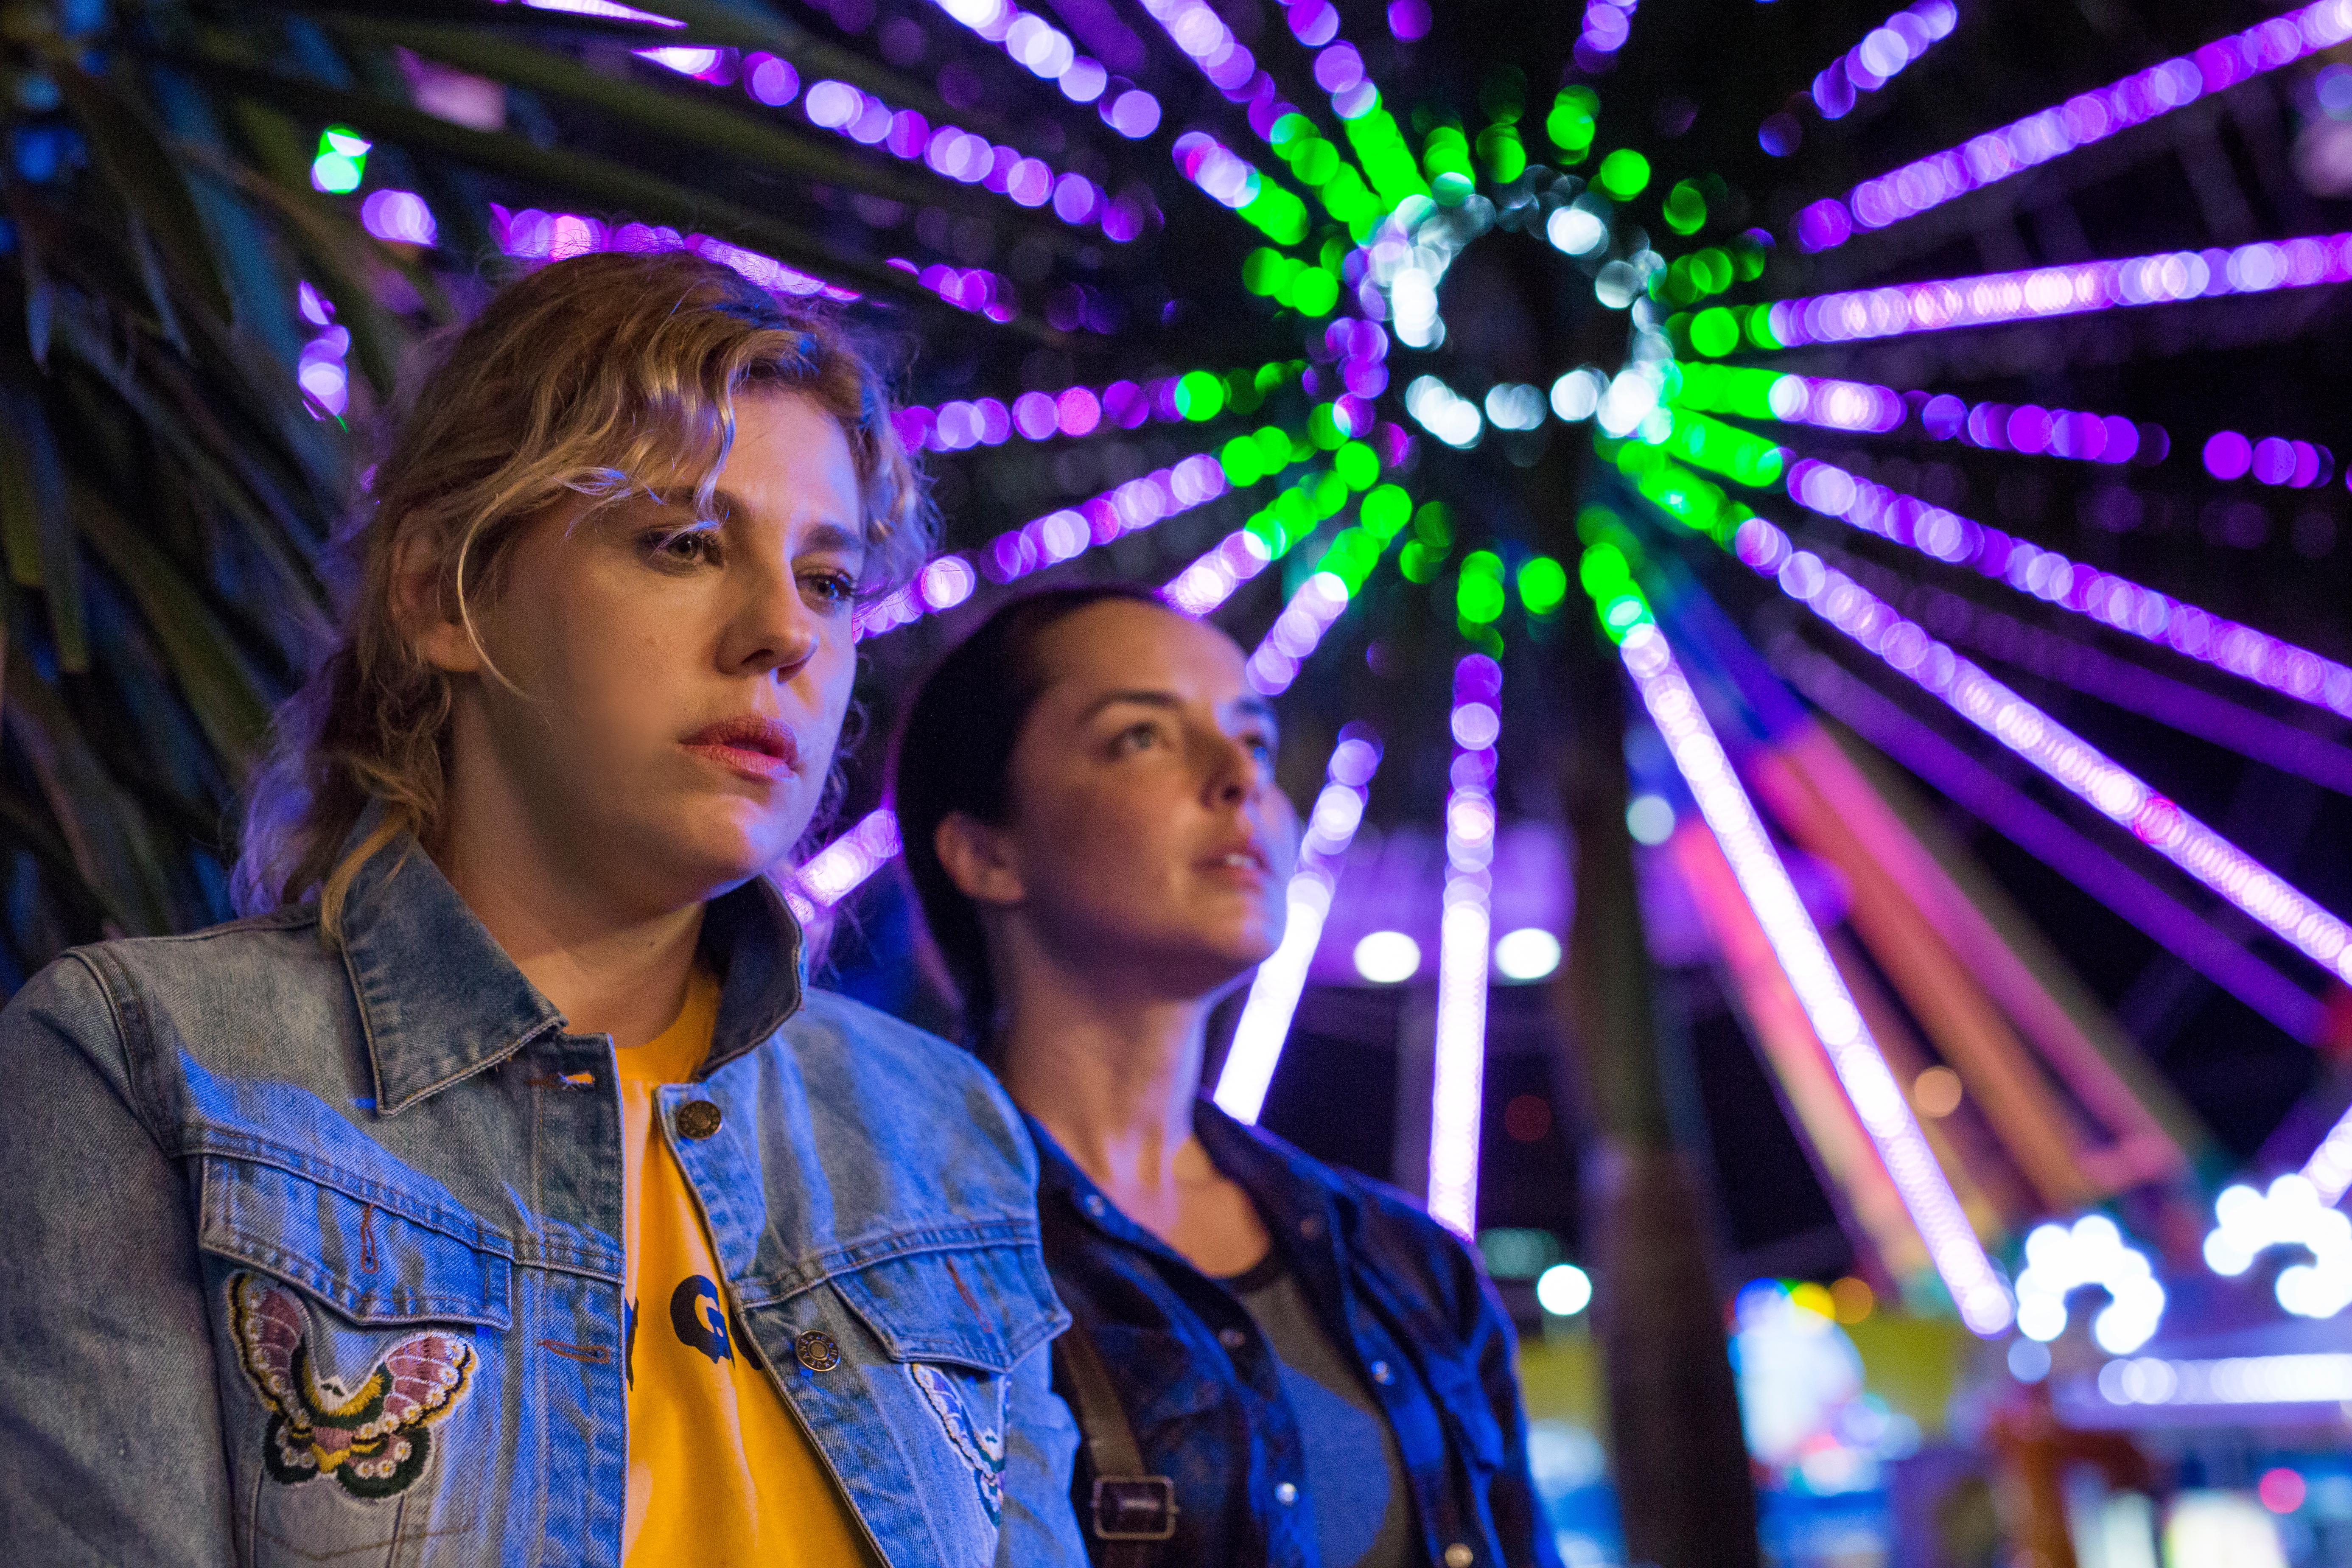 Cena de Por que Você não Chora? Bárbara Paz a frente e Carolina Monte Rosa logo atrás com uma roda gigante iluminada ao fundo.